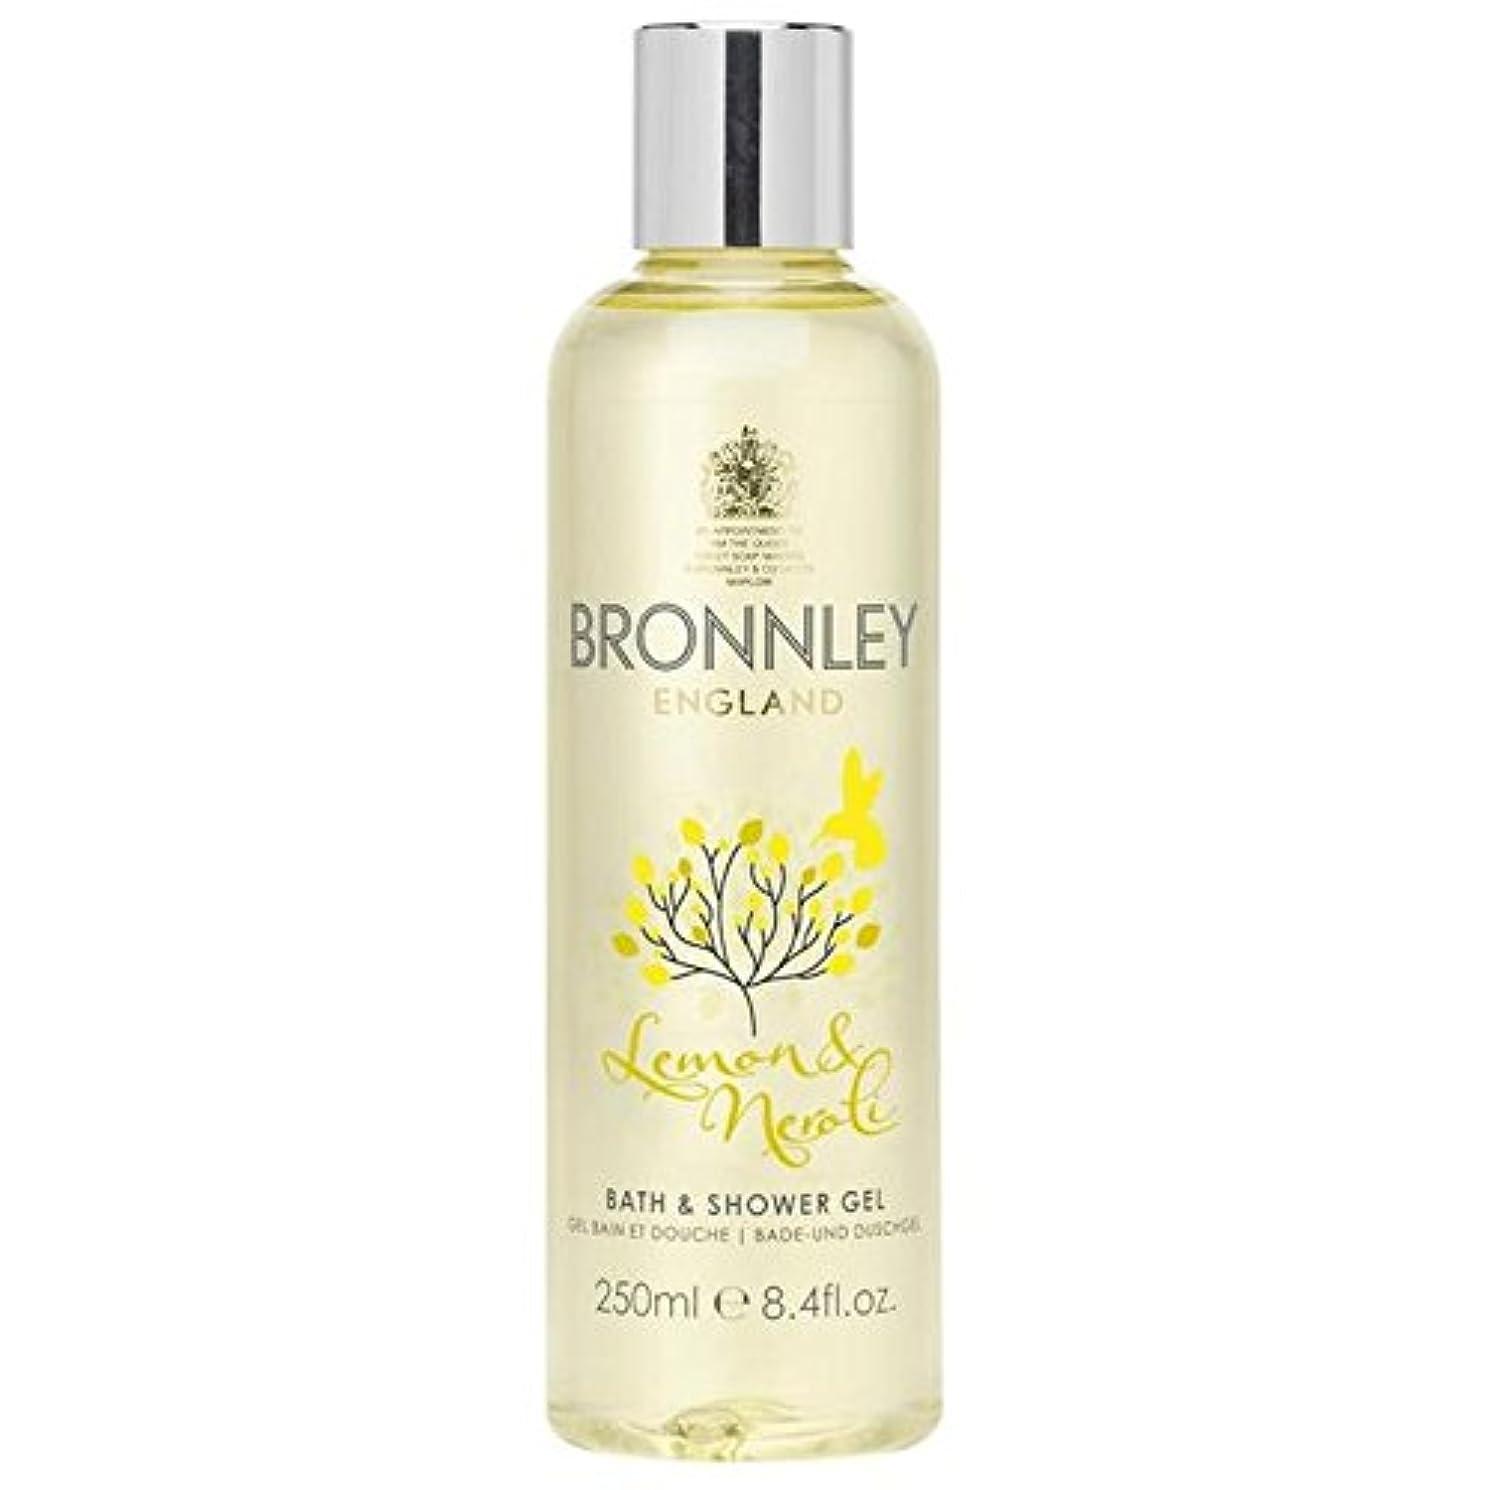 潤滑する明らかにする正確Bronnley Lemon & Neroli Bath & Shower Gel 250ml - レモン&ネロリバス&シャワージェル250ミリリットル [並行輸入品]